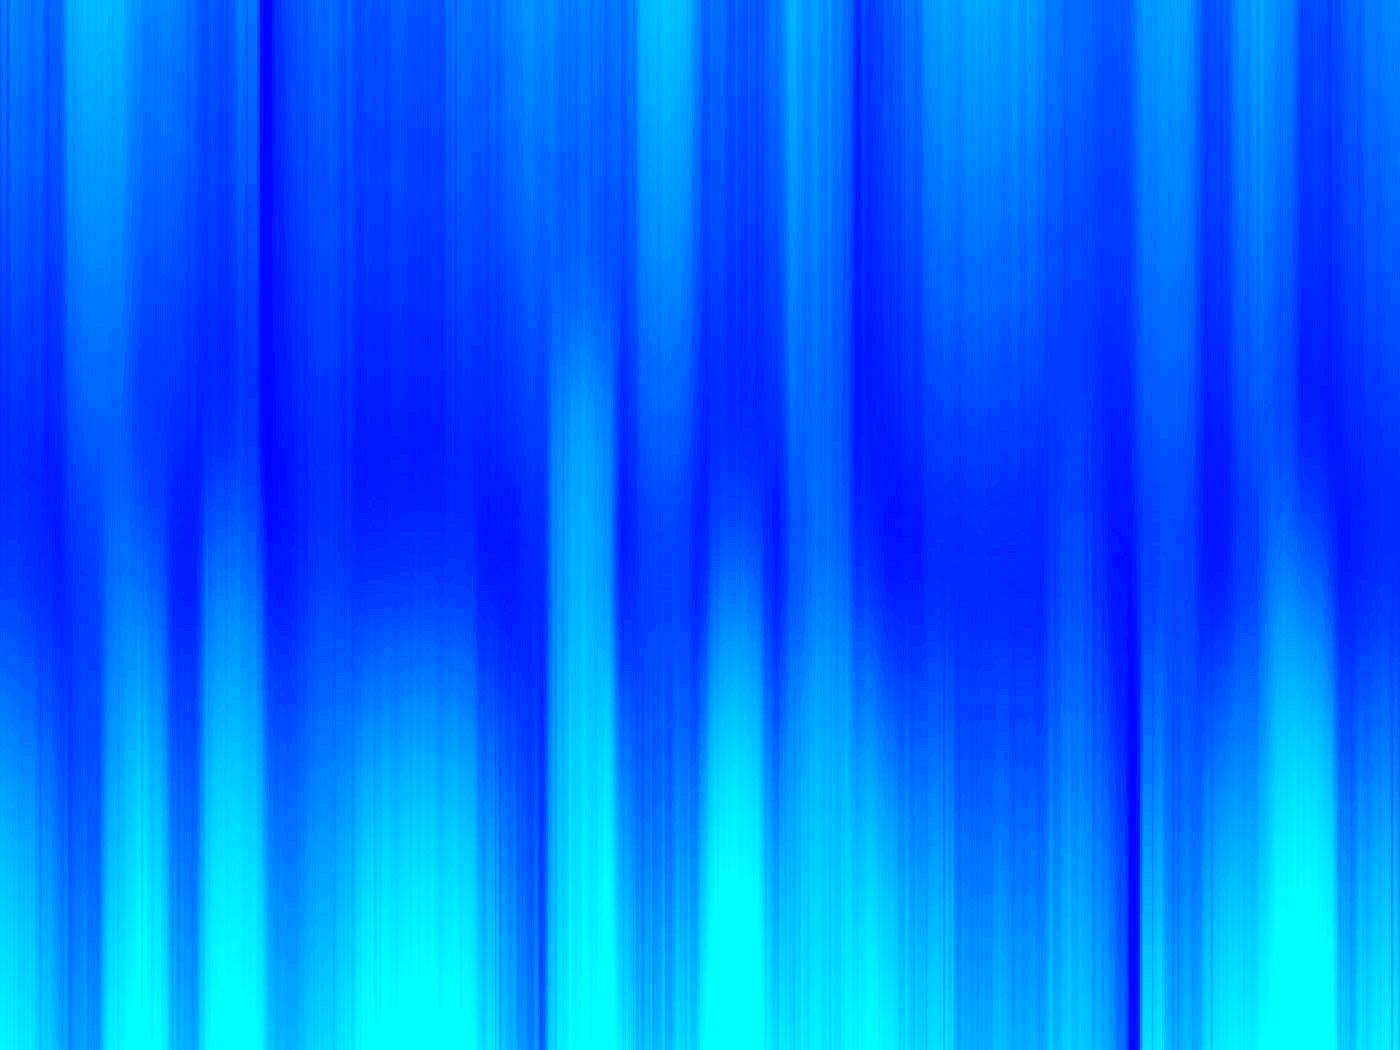 Pin Die Farbe Blau Als Ipad Wallpaper on Pinterest